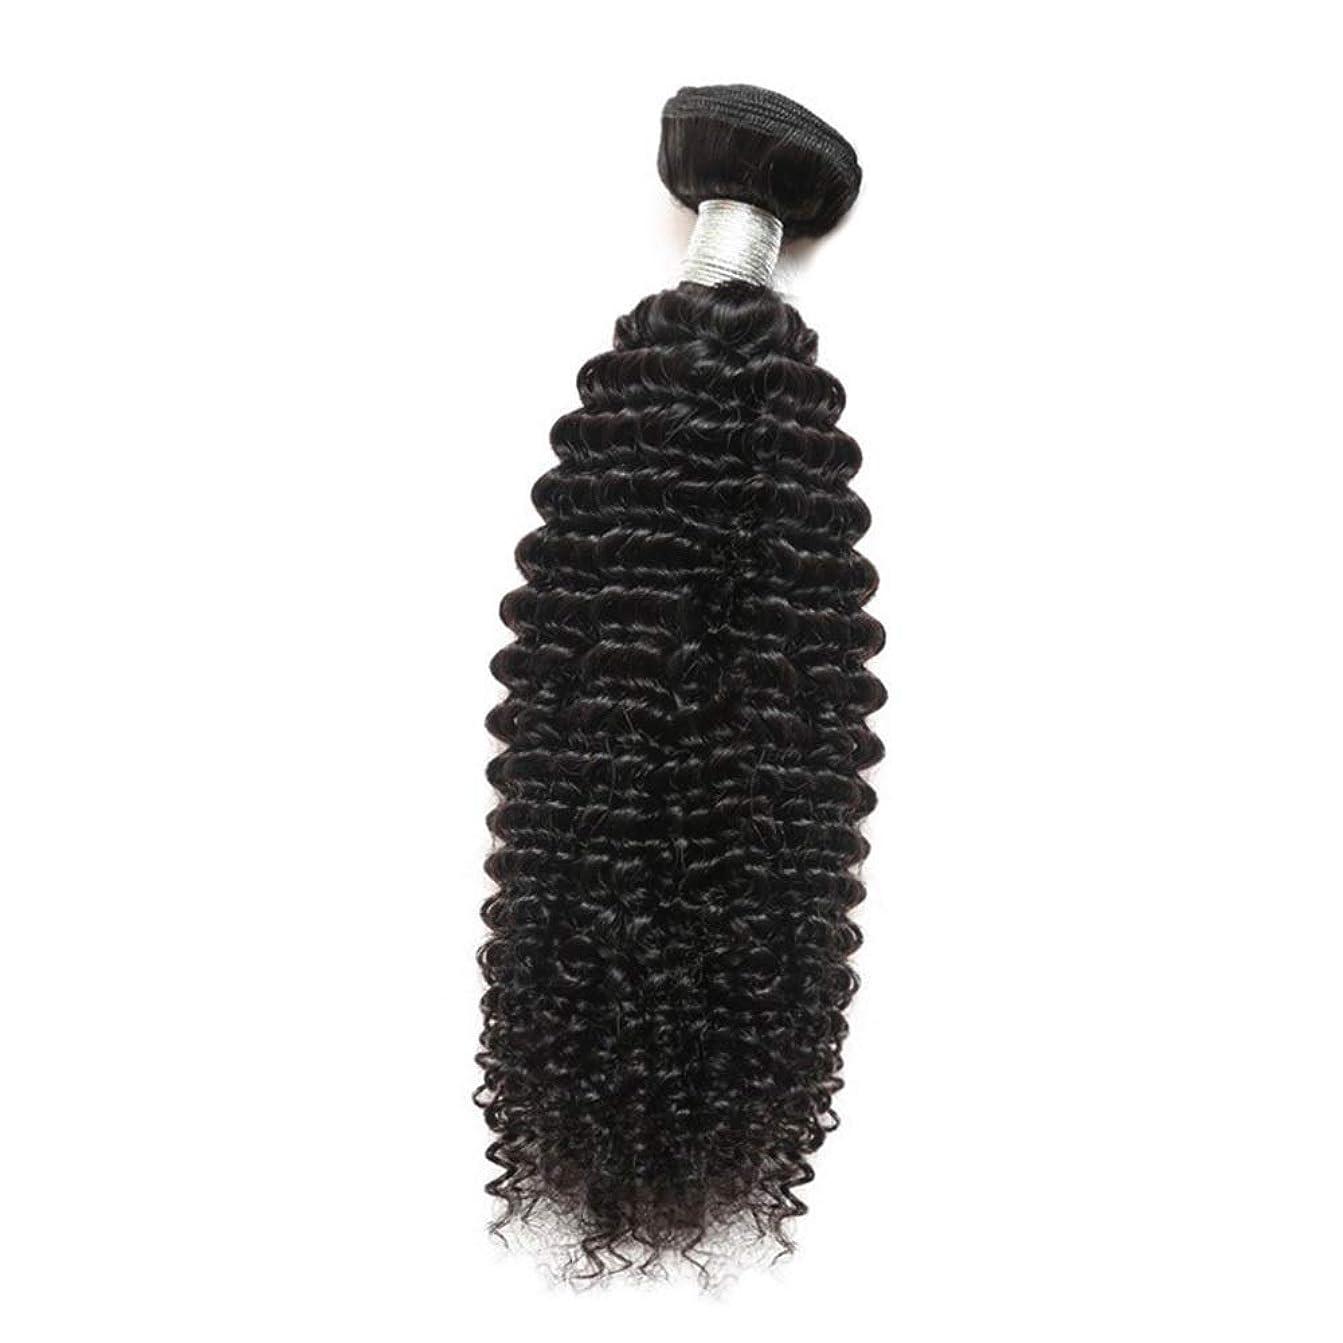 スクリュースラム名声YESONEEP 女性のその他の特徴巻き毛人間の髪1バンドルアフリカの小さな巻き毛織り100%未処理のバージン人間の毛髪の合成髪レースかつらロールプレイングかつらストレートシリンダーショートスタイル女性自然 (色 : 黒, サイズ : 24 inch)